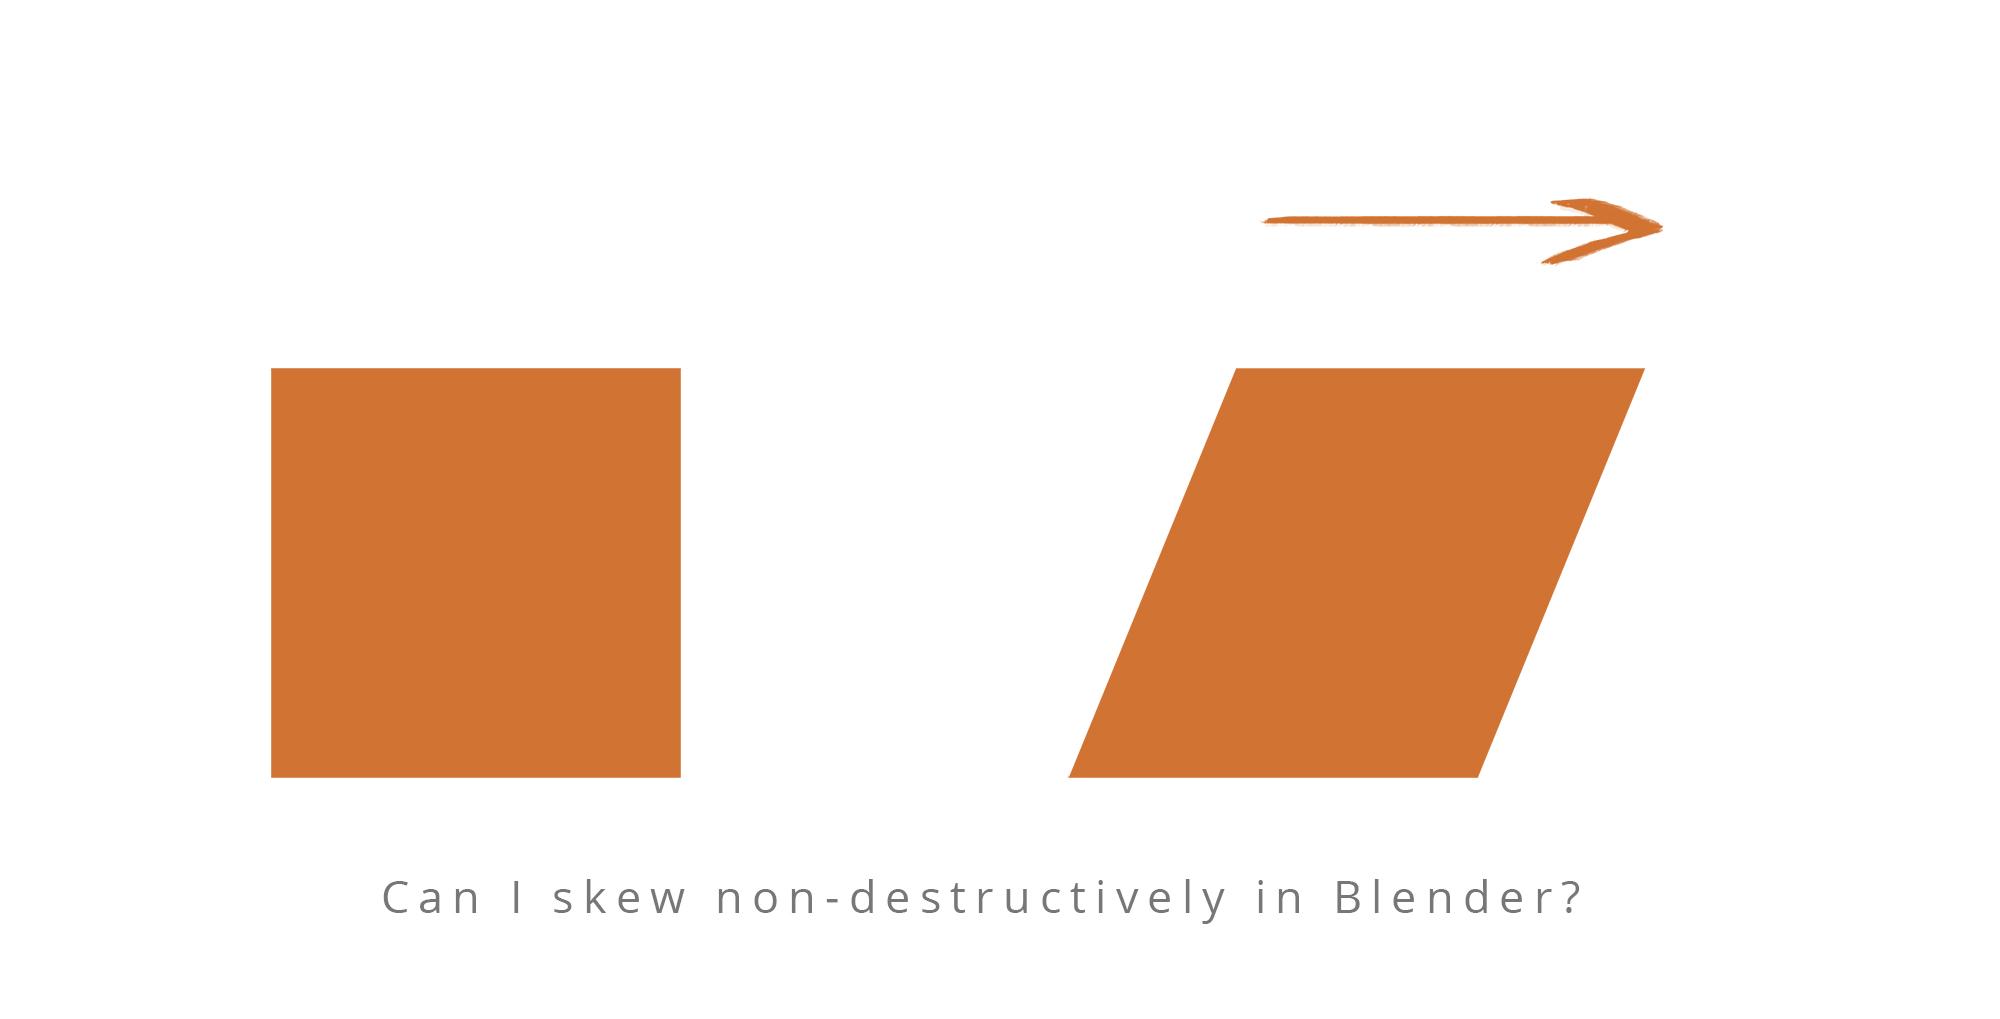 non destructive skew in blender basics interface blender